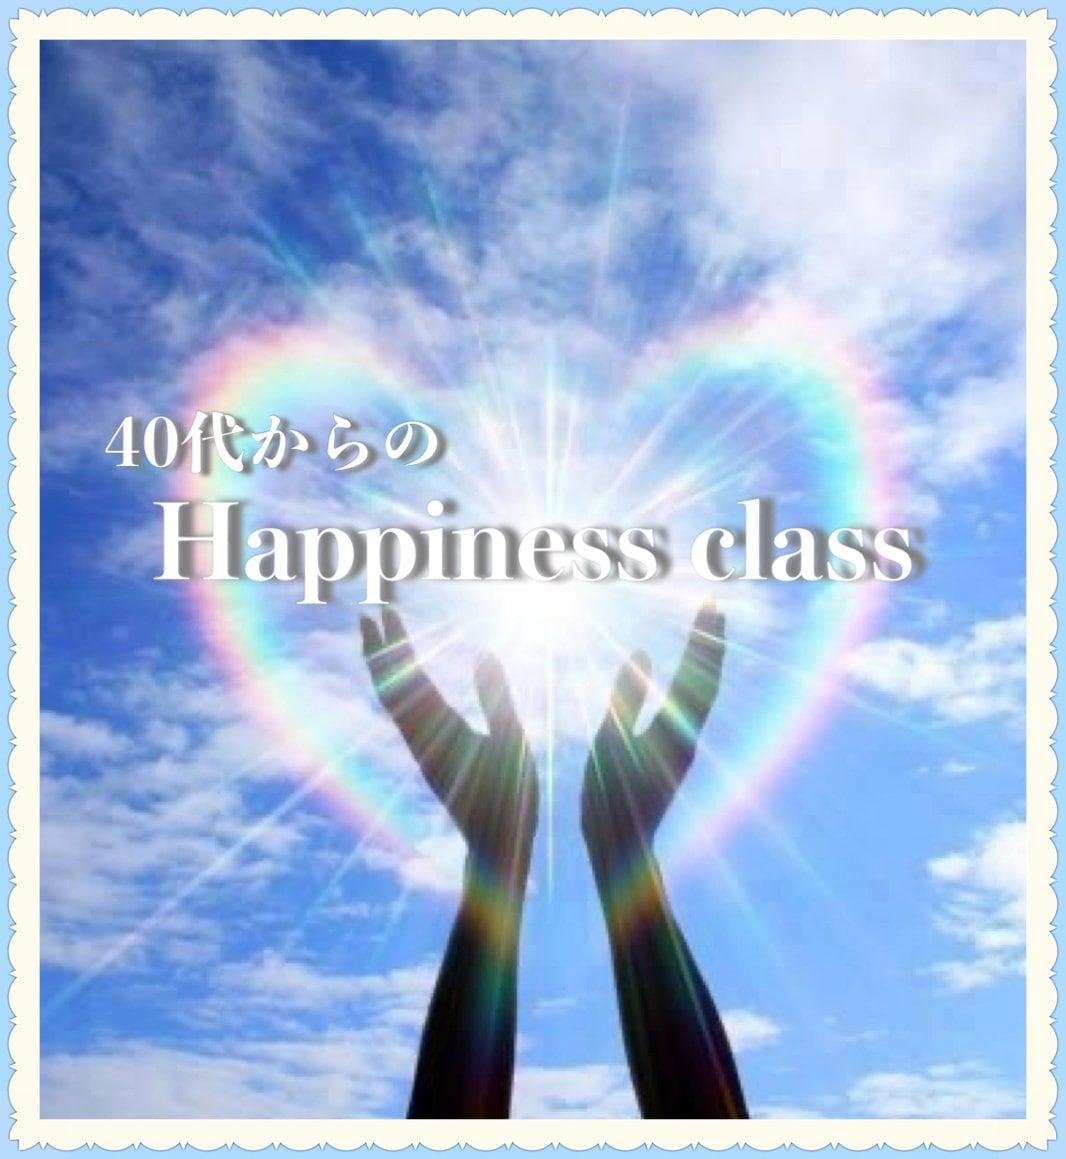 40代からのHappiness class (オンライン講座&グループセッション・半年コース)のイメージその1